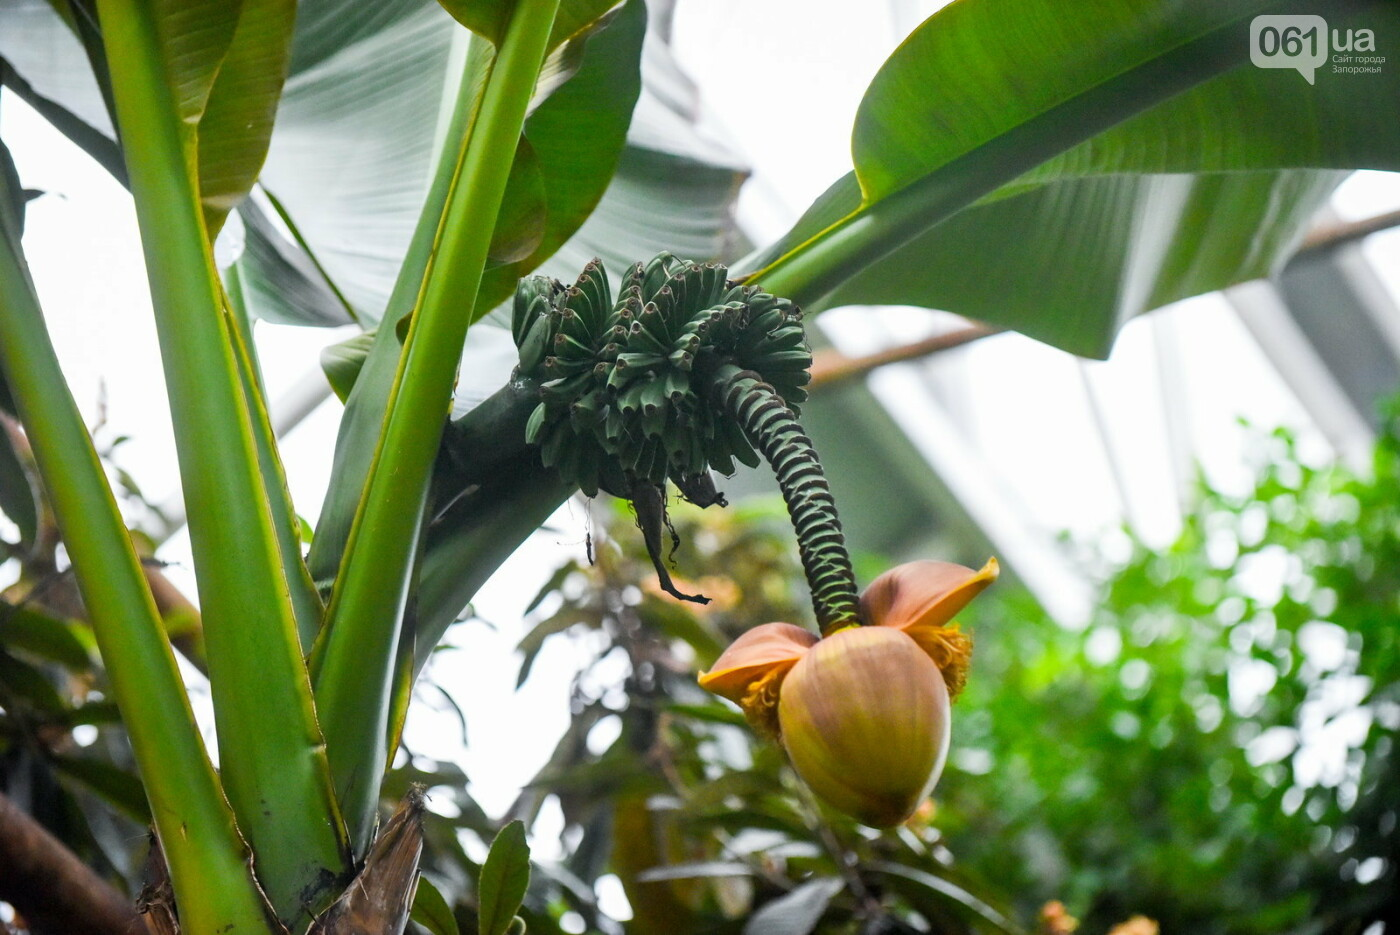 """Бананы, кинкан, огромные лимоны и """"райская птица"""" - запорожский ботанический сад в фотографиях, фото-8"""